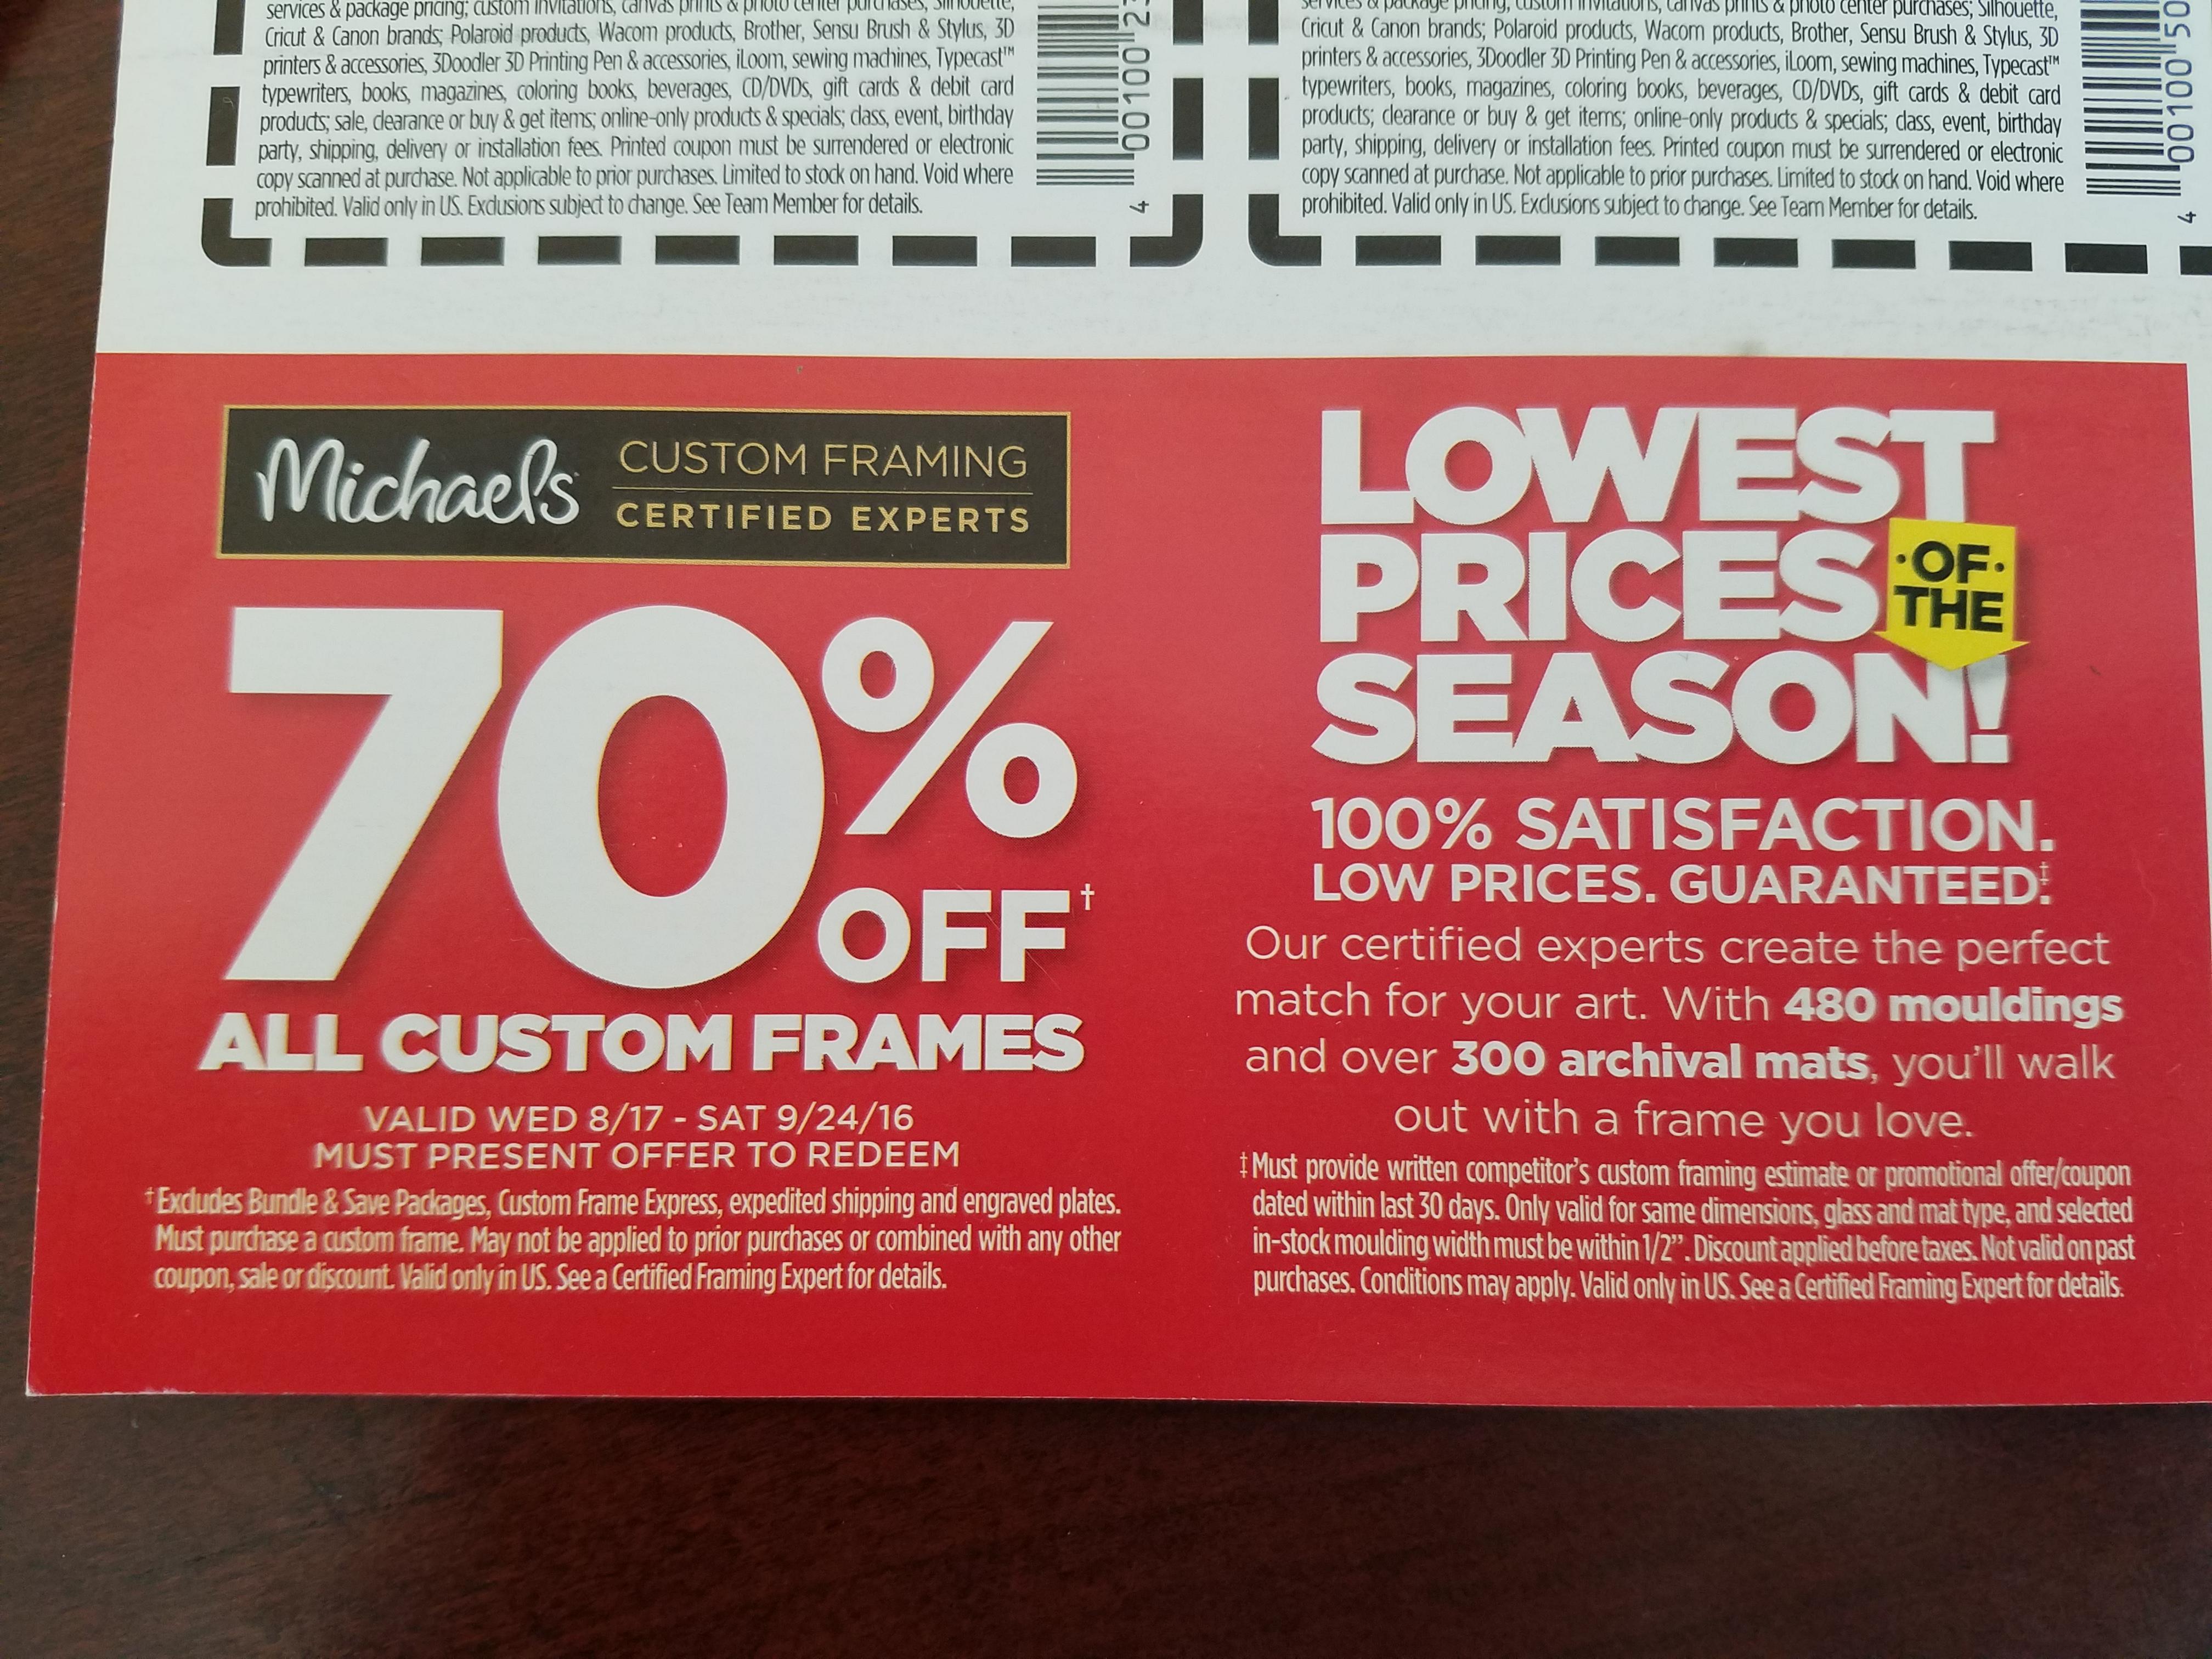 Custom framing coupons 60